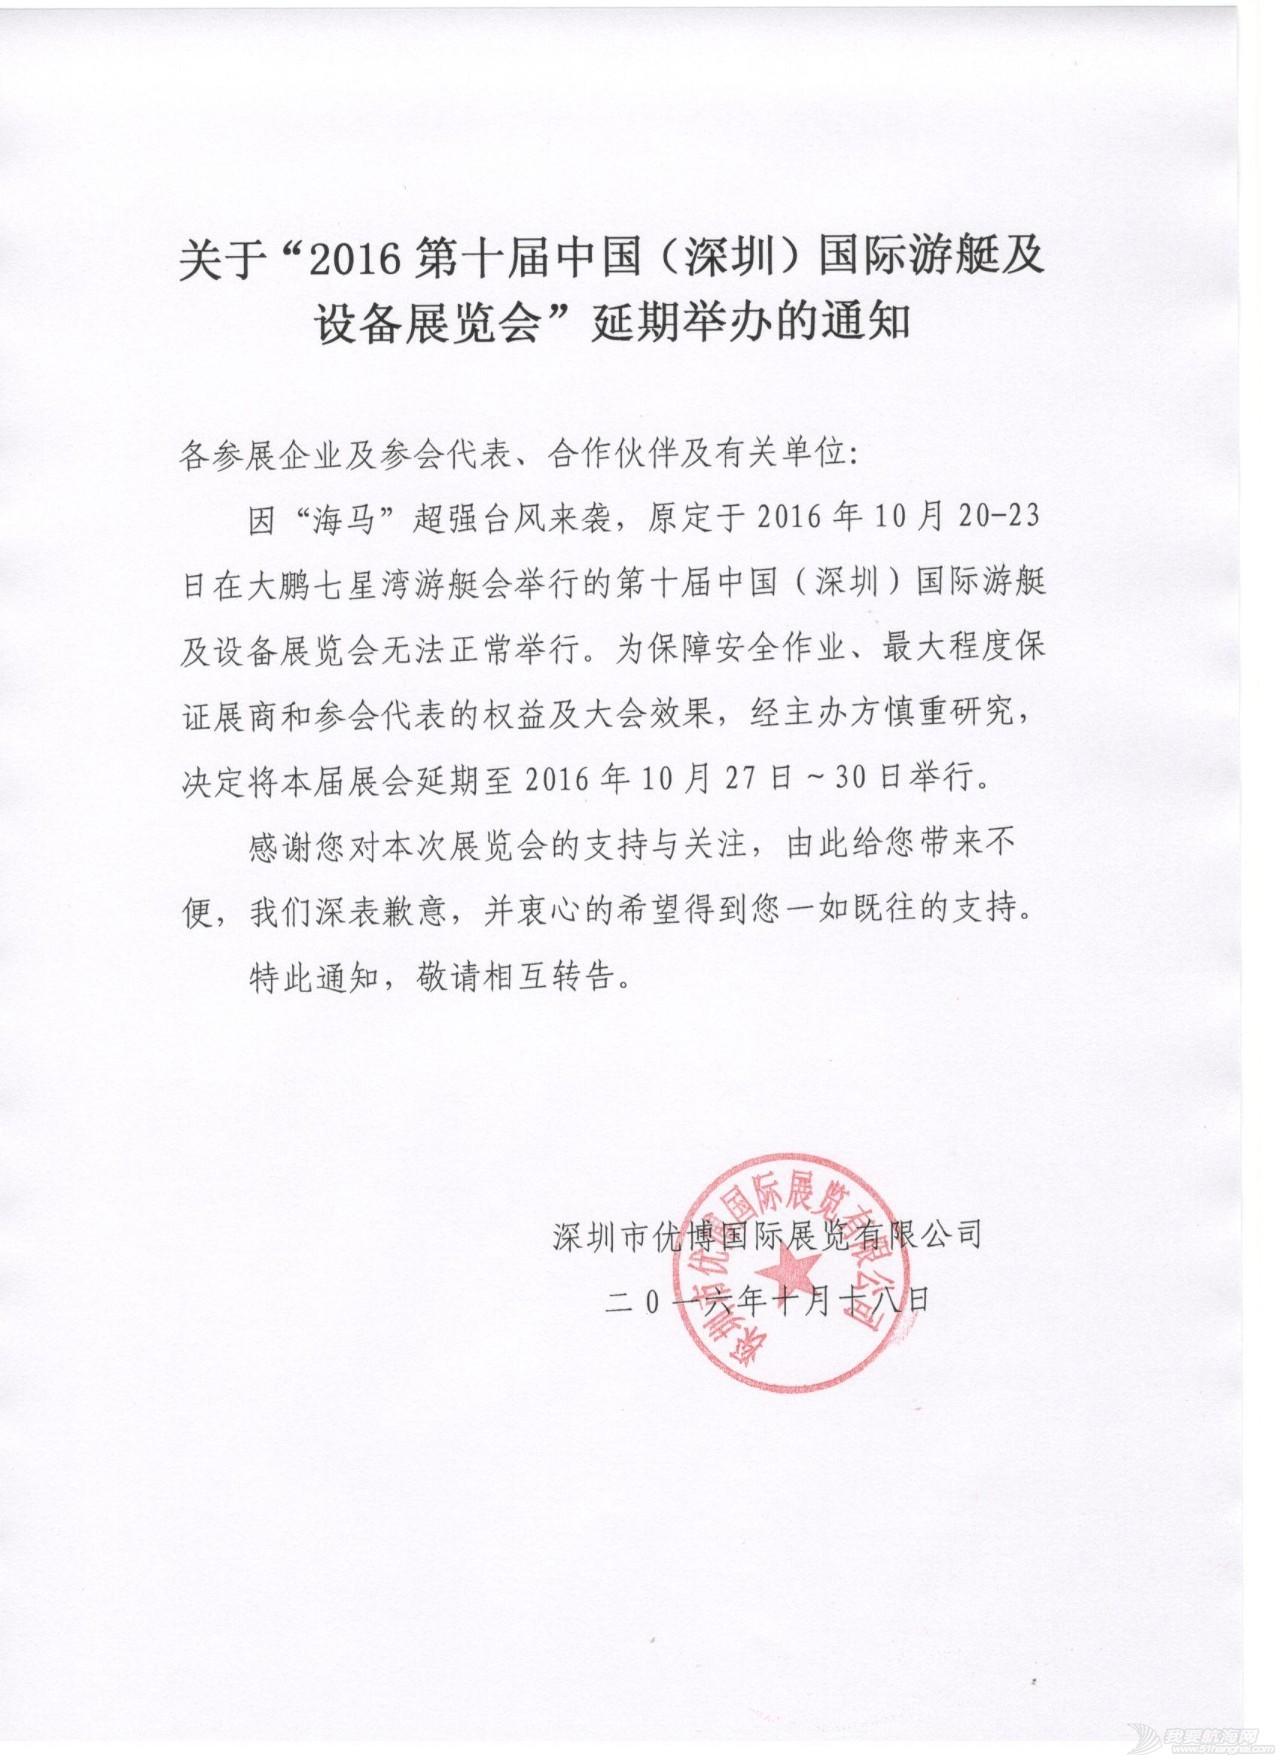 """关于""""2016第十届中国(深圳)国际游艇及设备展览会""""延期举办的通知 2c748a1d25568e62489cff406247db68.jpg"""